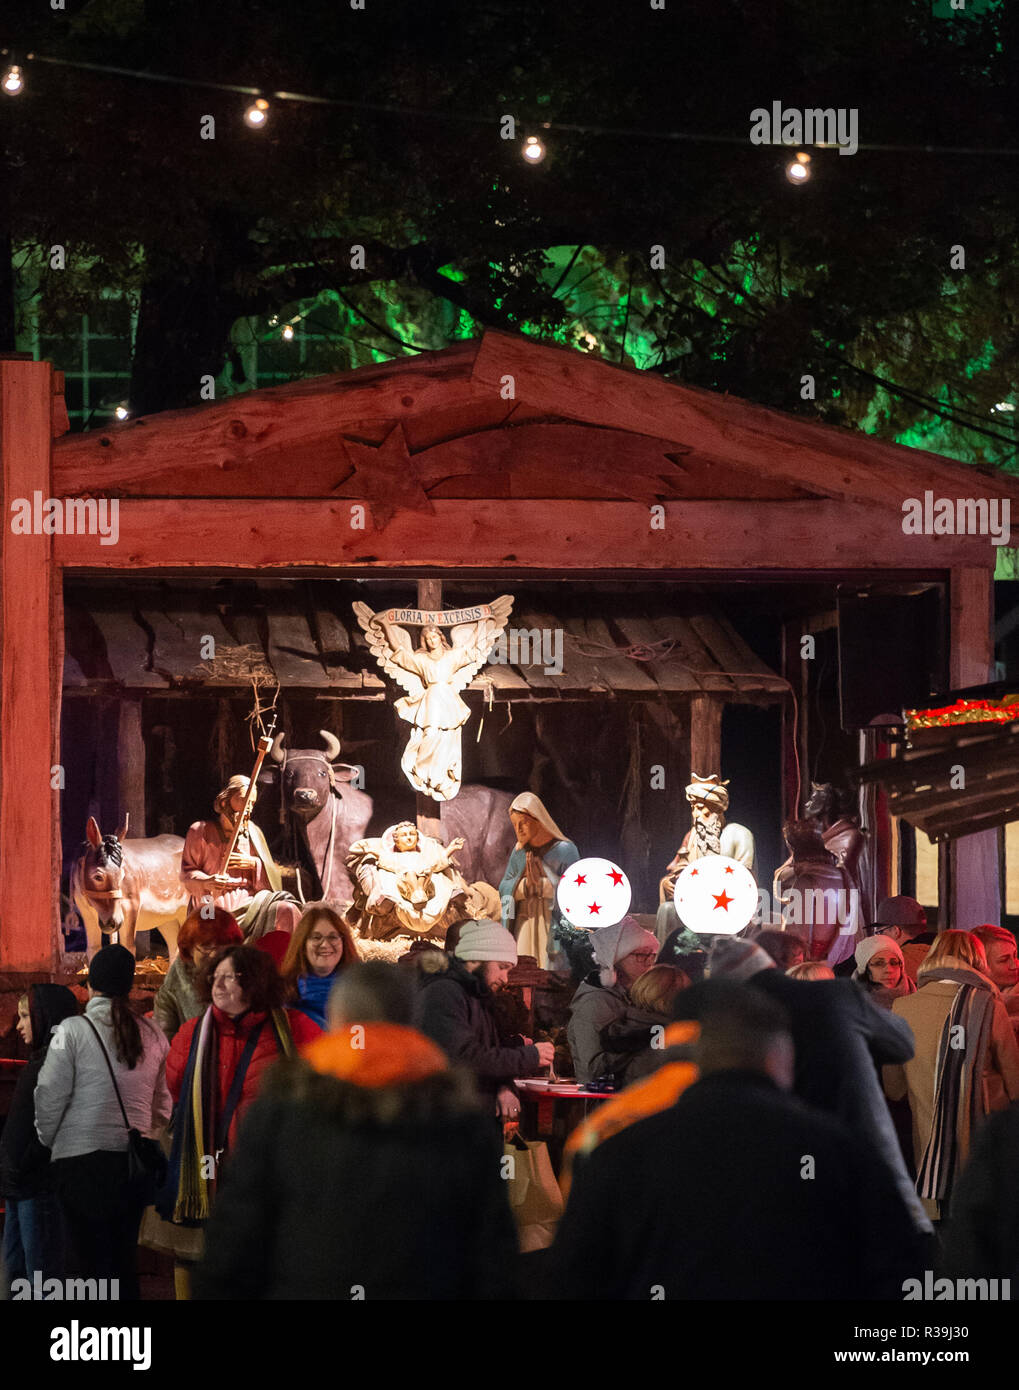 Weihnachtsmarkt Anfang.Hessen Rüdesheim Deutschland 22 Nov 2018 Es Gibt Ein